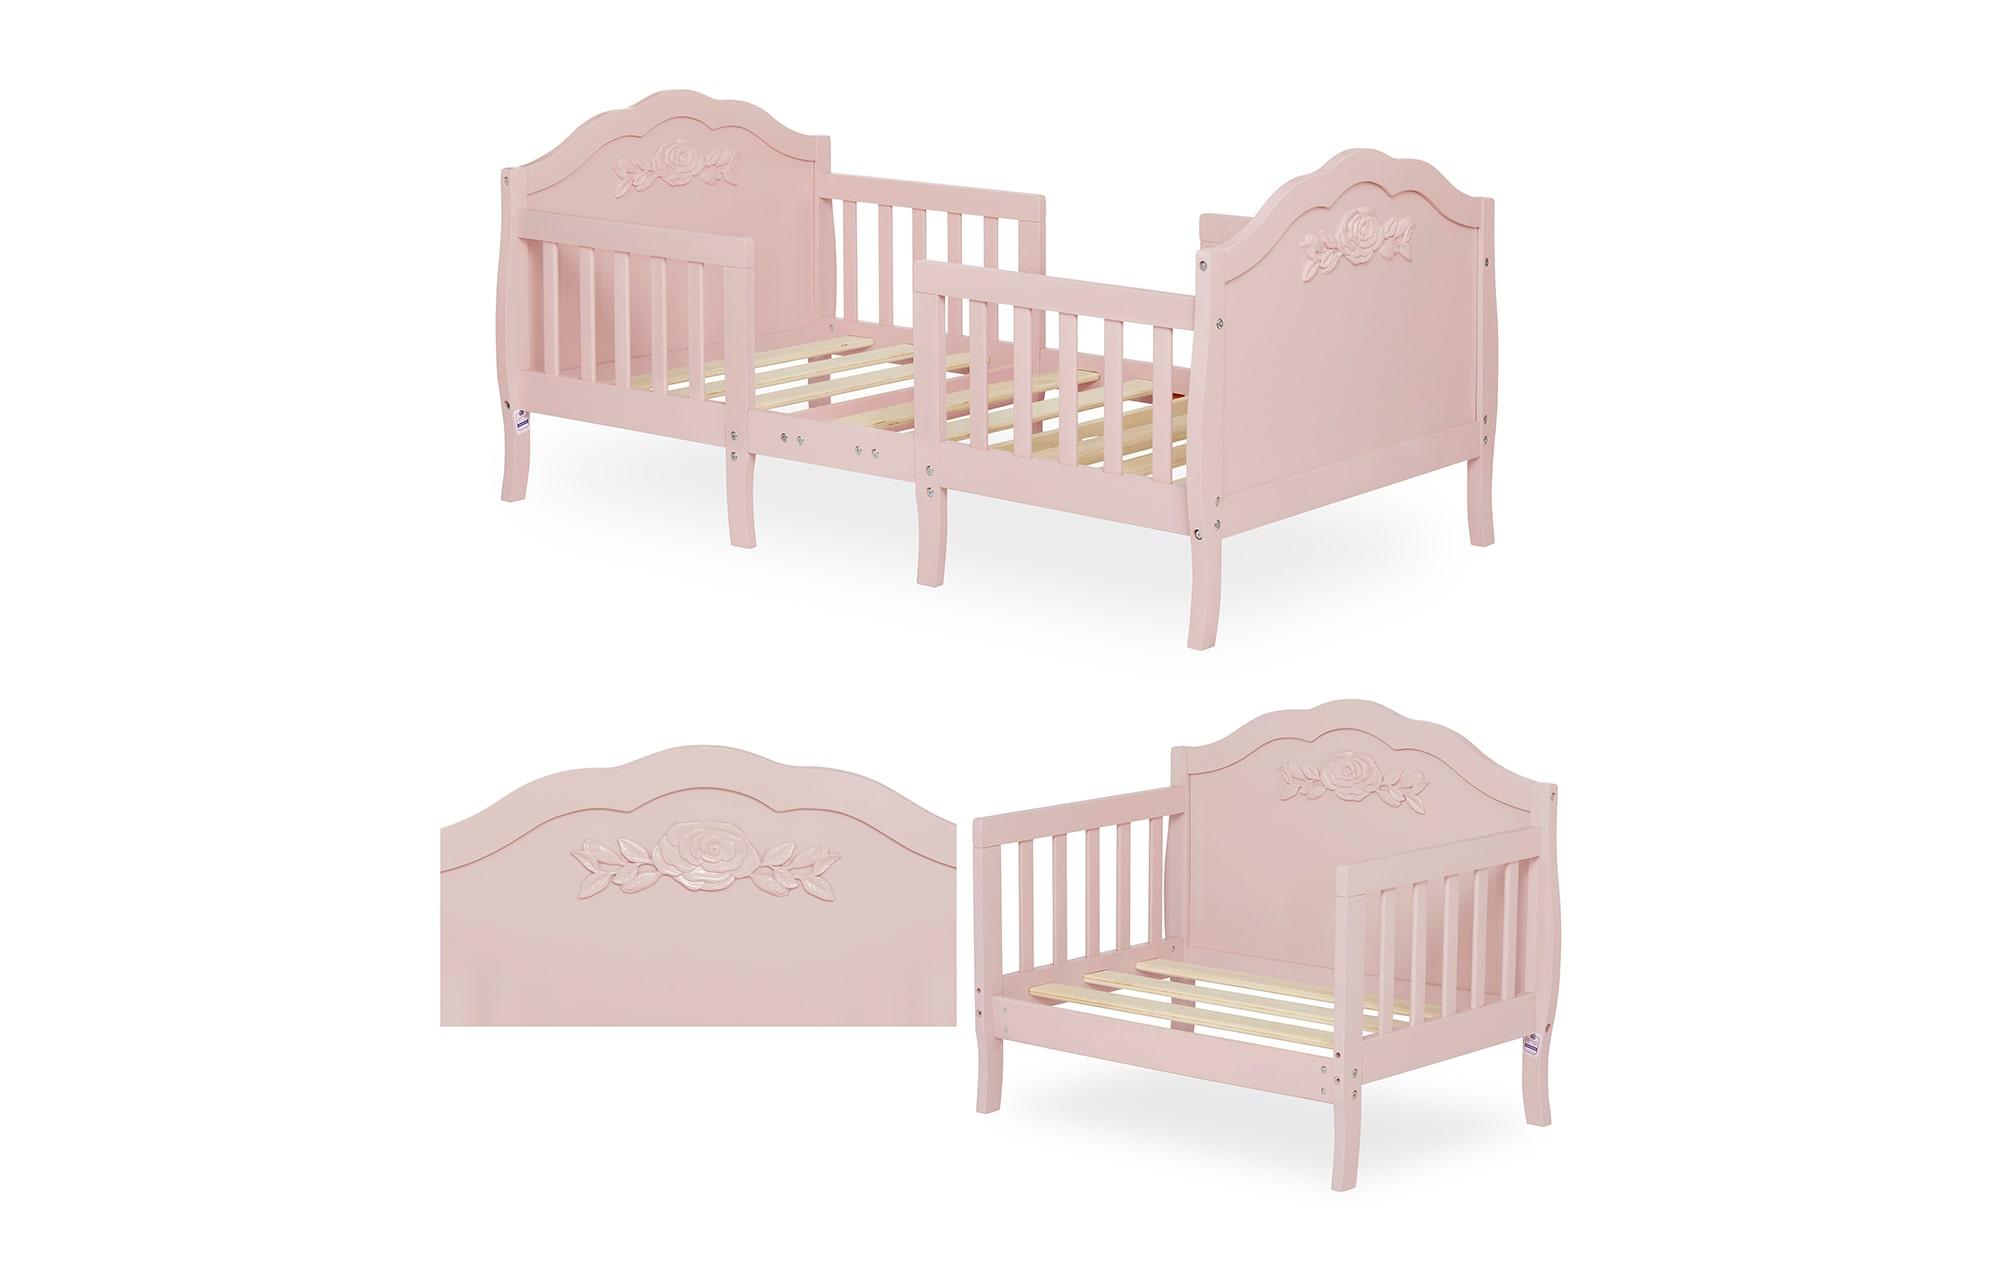 640_BLUSH Rose Toddler Bed Collage 2